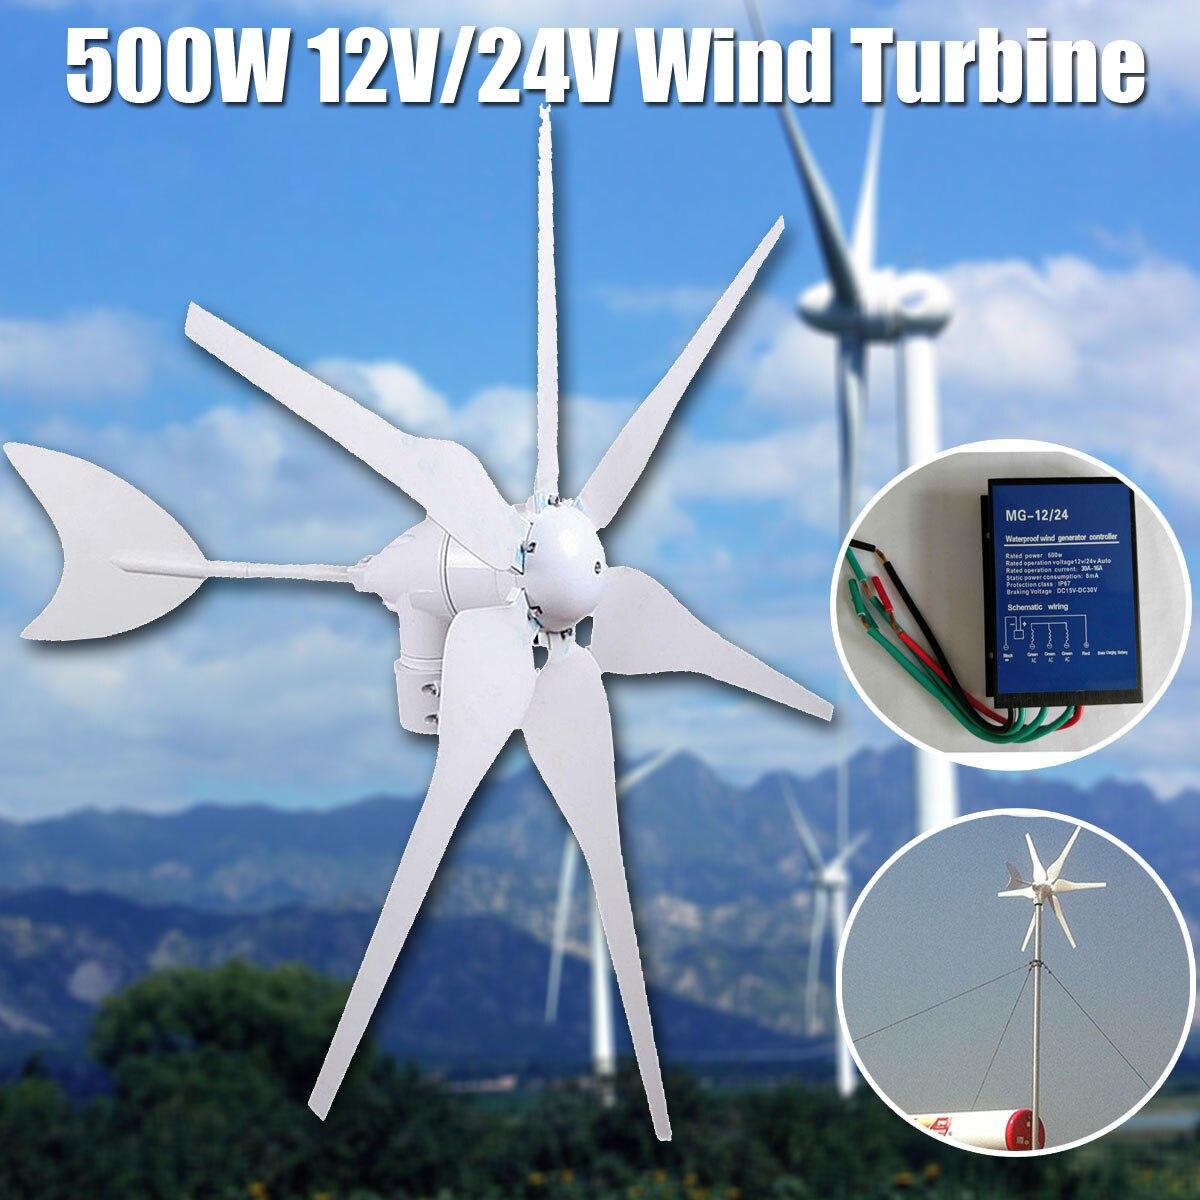 500 w 12 v/24 v Environnementale 6 Lames Miniature Vent Turbine Mini Éolienne Générateur D'énergie Maison D'habitation avec Contrôleur